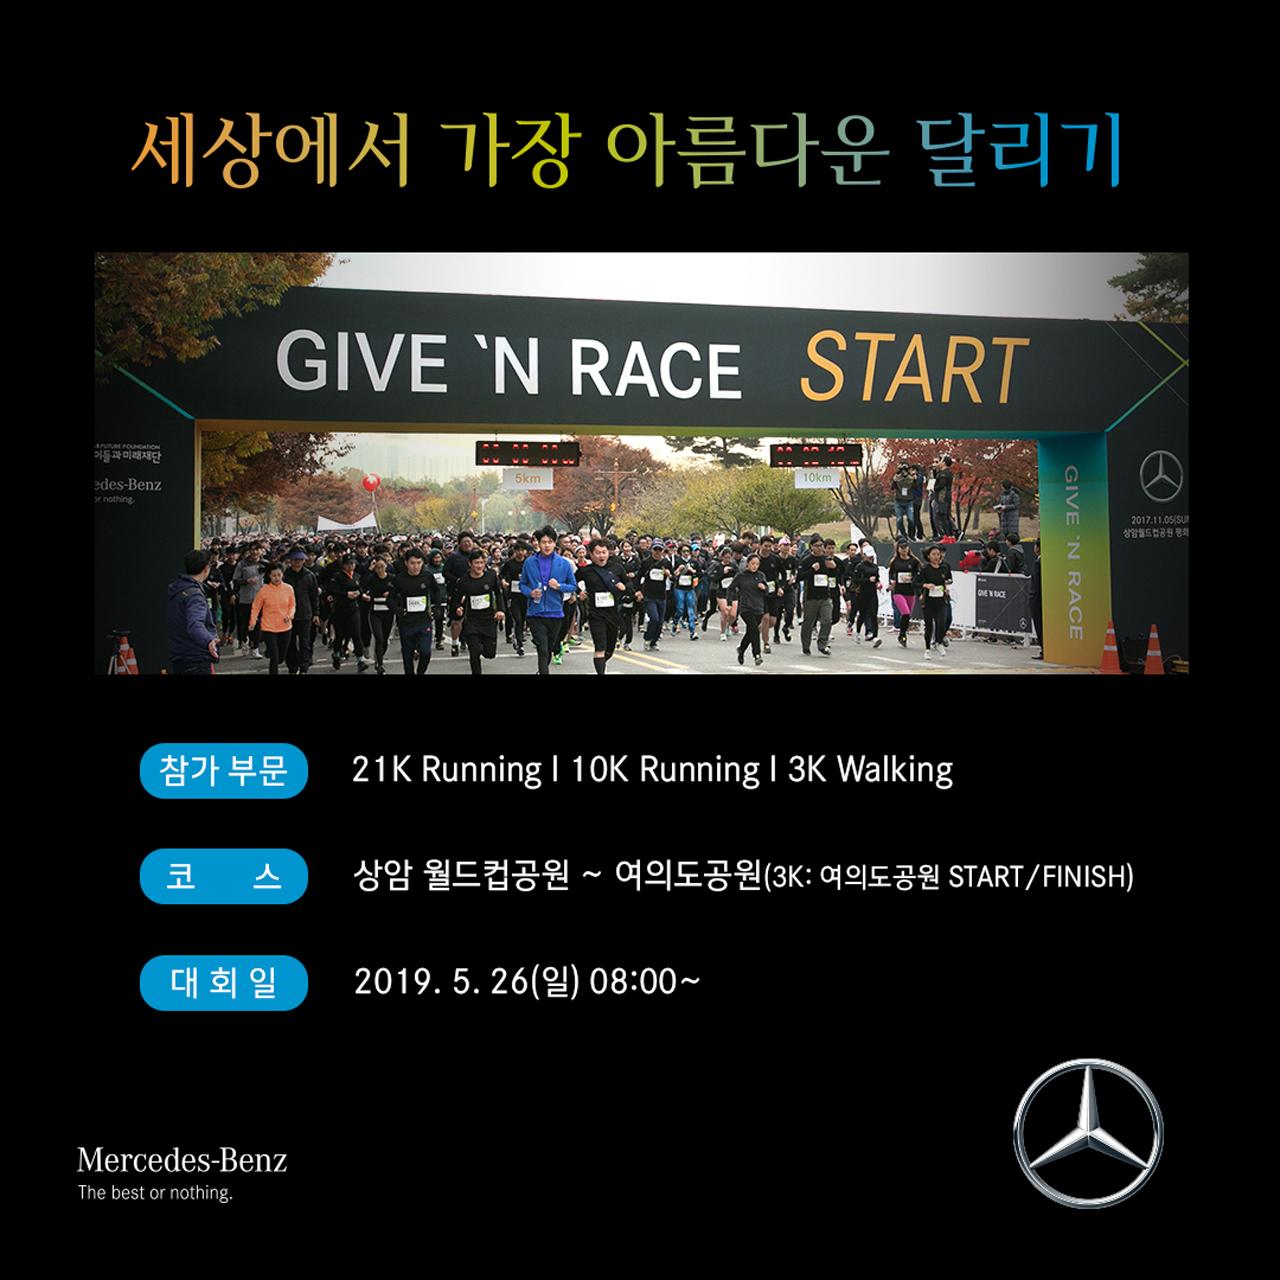 [사진 1] 제4회 기브앤레이스 참가자 모집